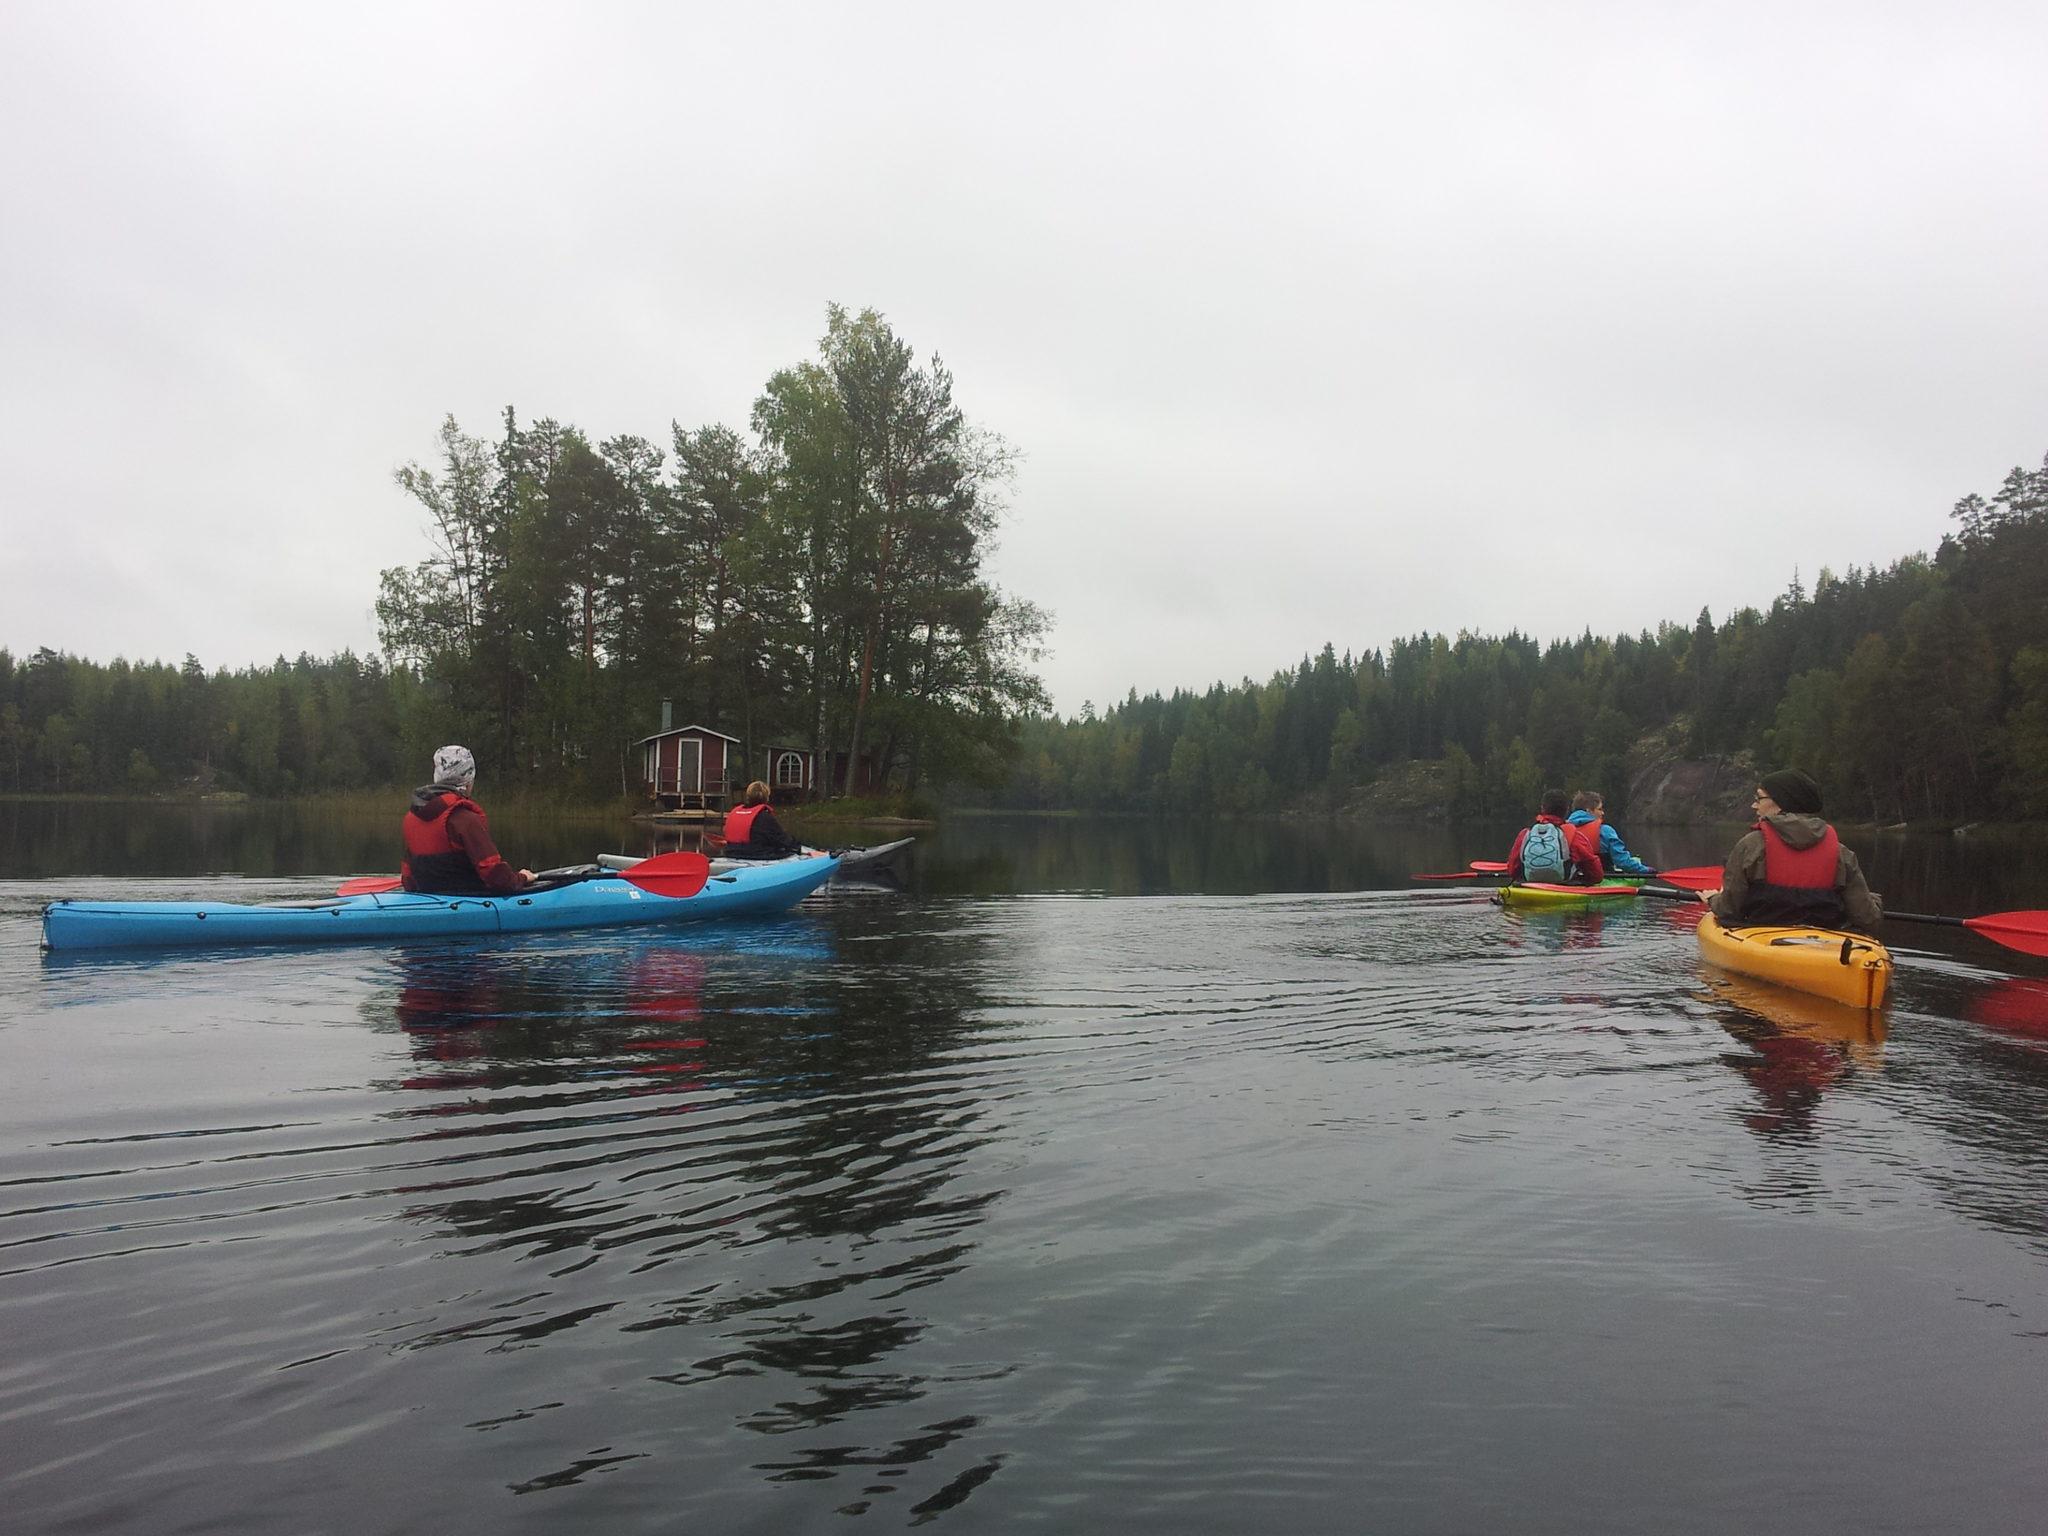 Simijärvi-Lutsjö-Myllyjärvi yksikkökajakilla